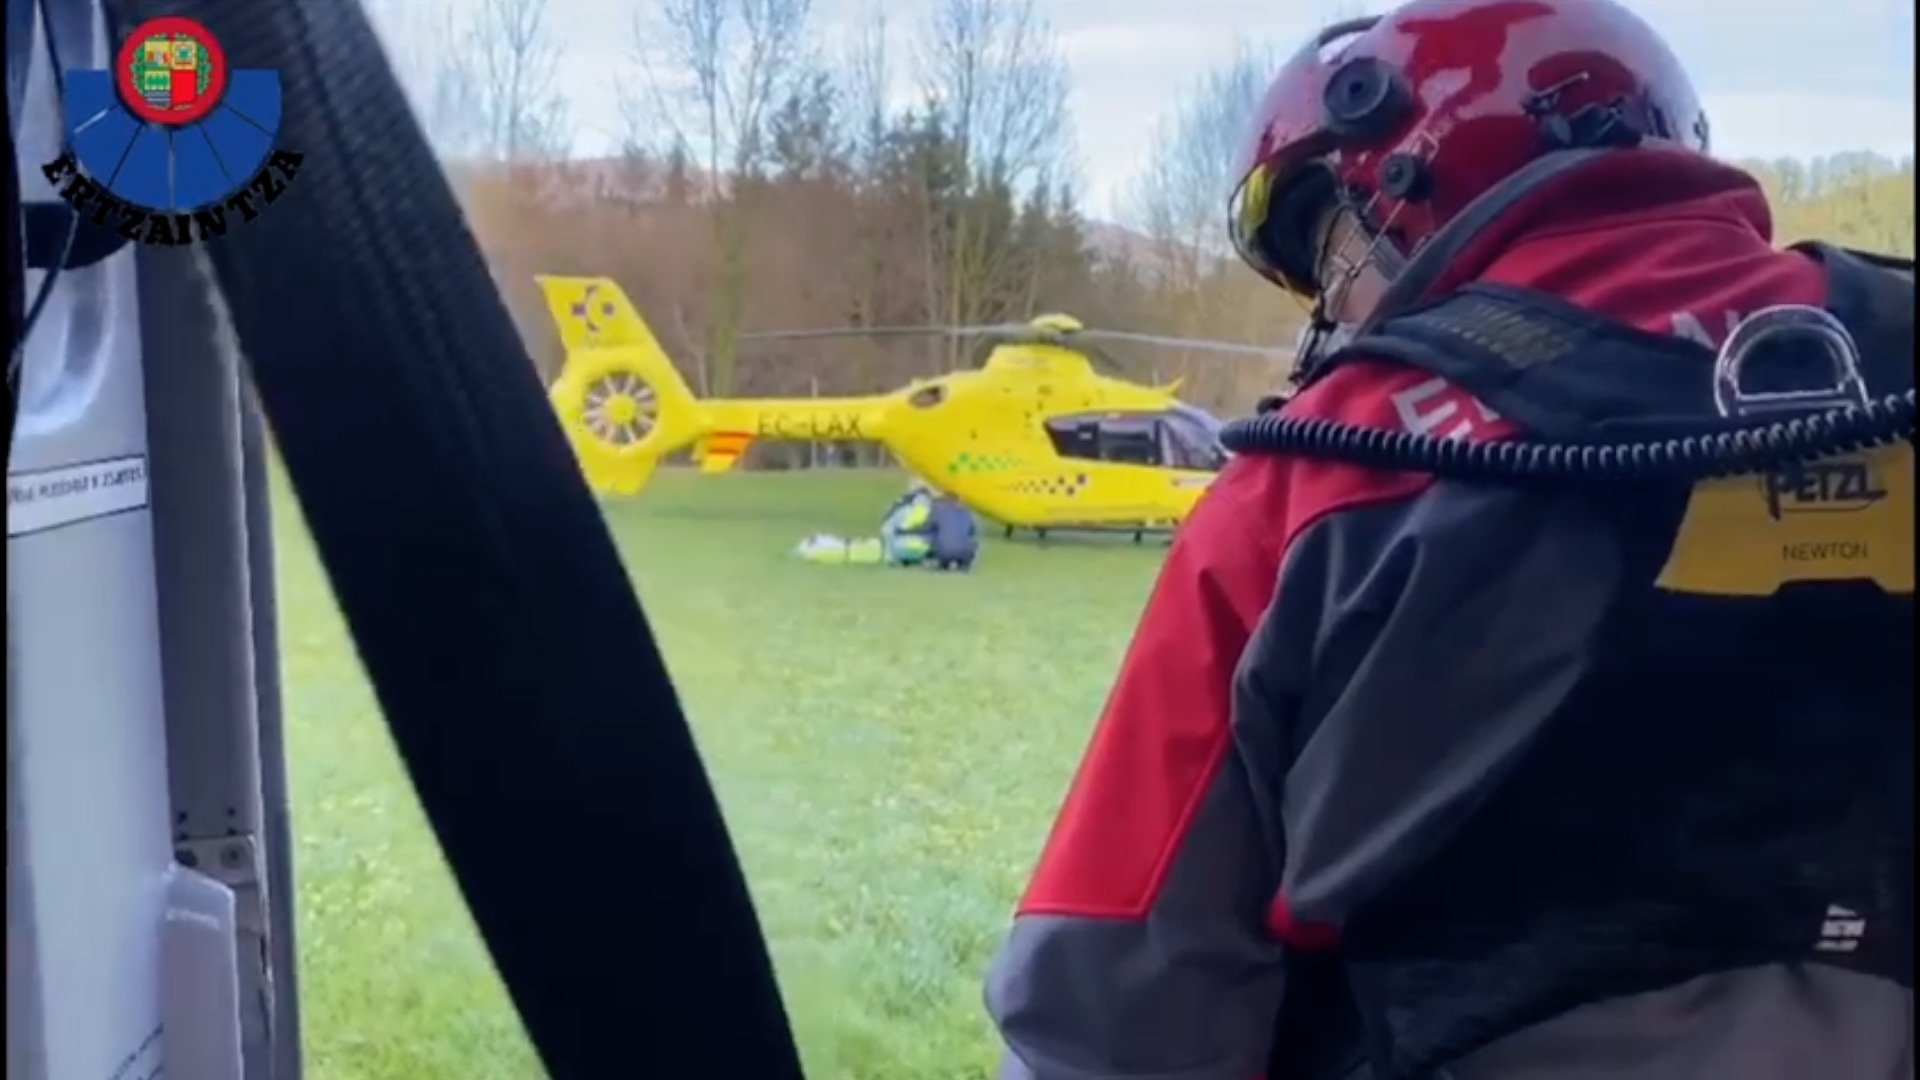 Abadiño, un helicóptero de la Ertzaintza rescata a un escalador accidentado en las canteras de Atxarte [2:02]